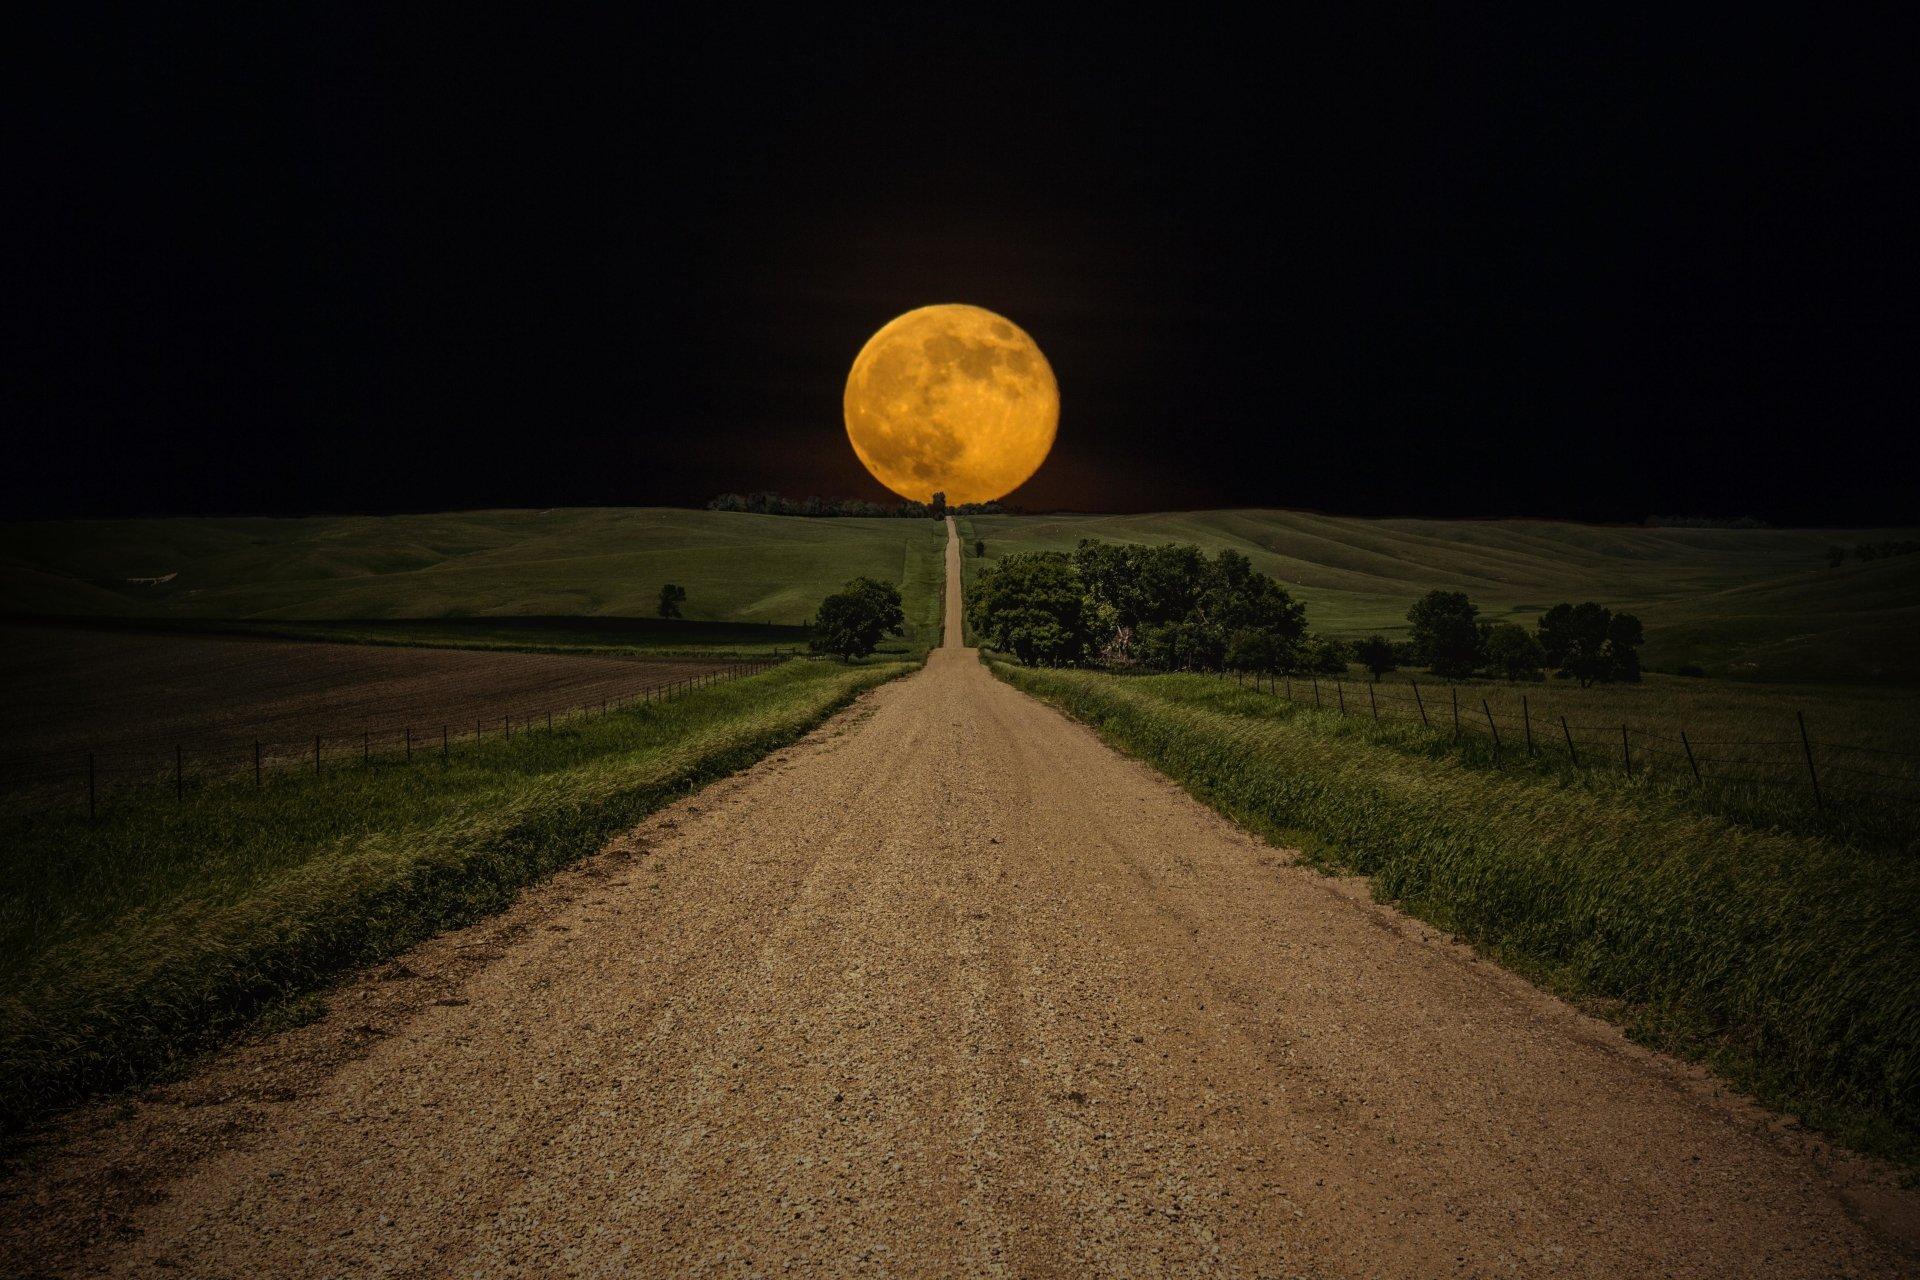 Earth - Moon  Landscape Night Field Scenic Wallpaper